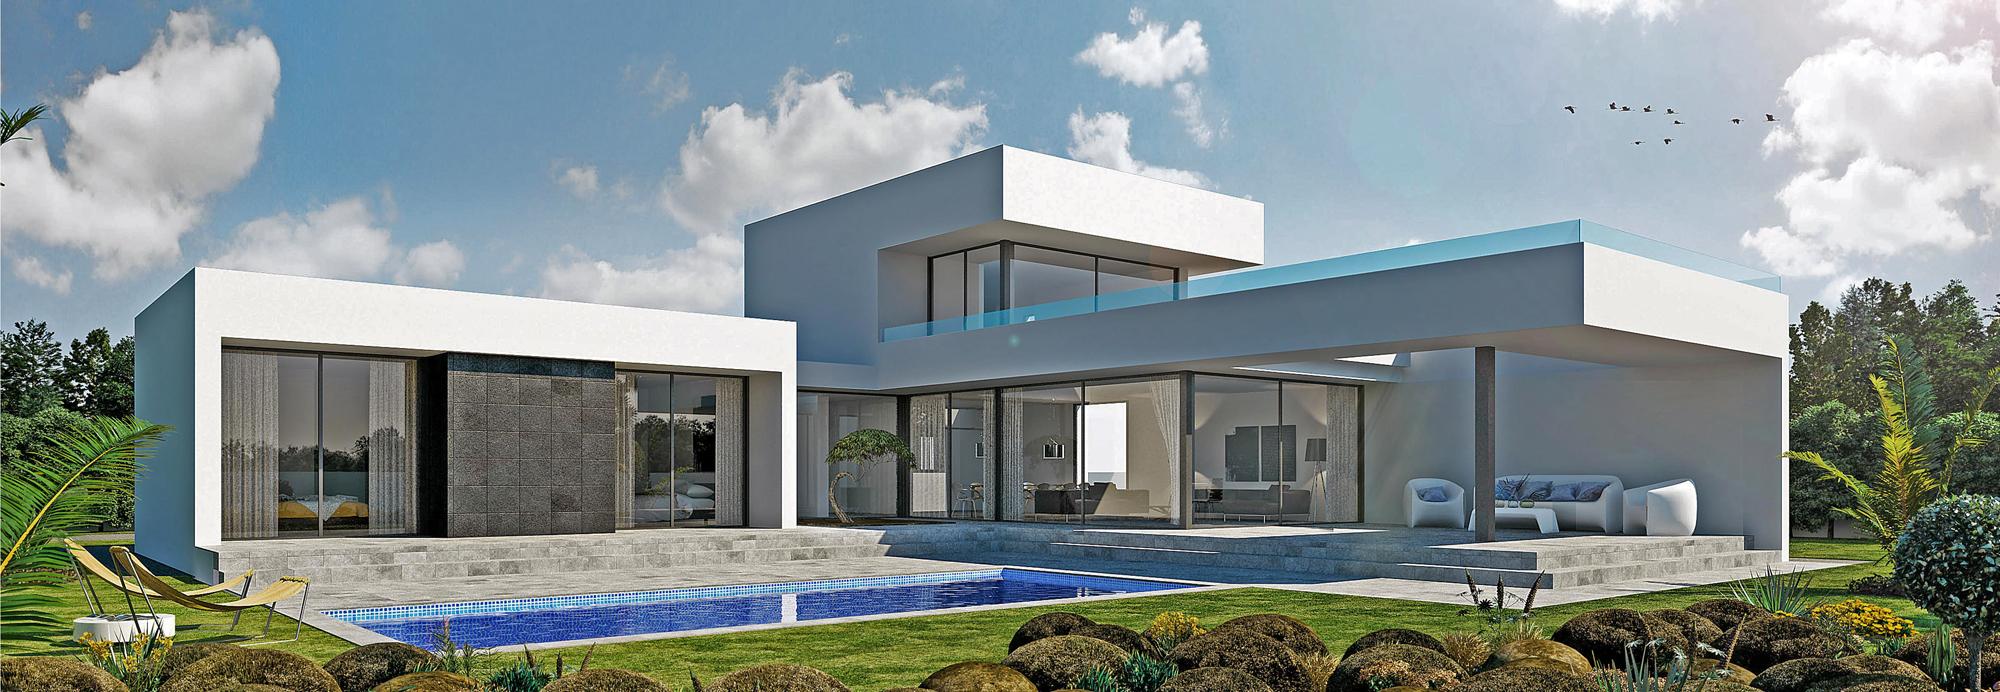 Huis laten ontwerpen lees dit eerst pak het voordeel for Inrichting huis ontwerpen